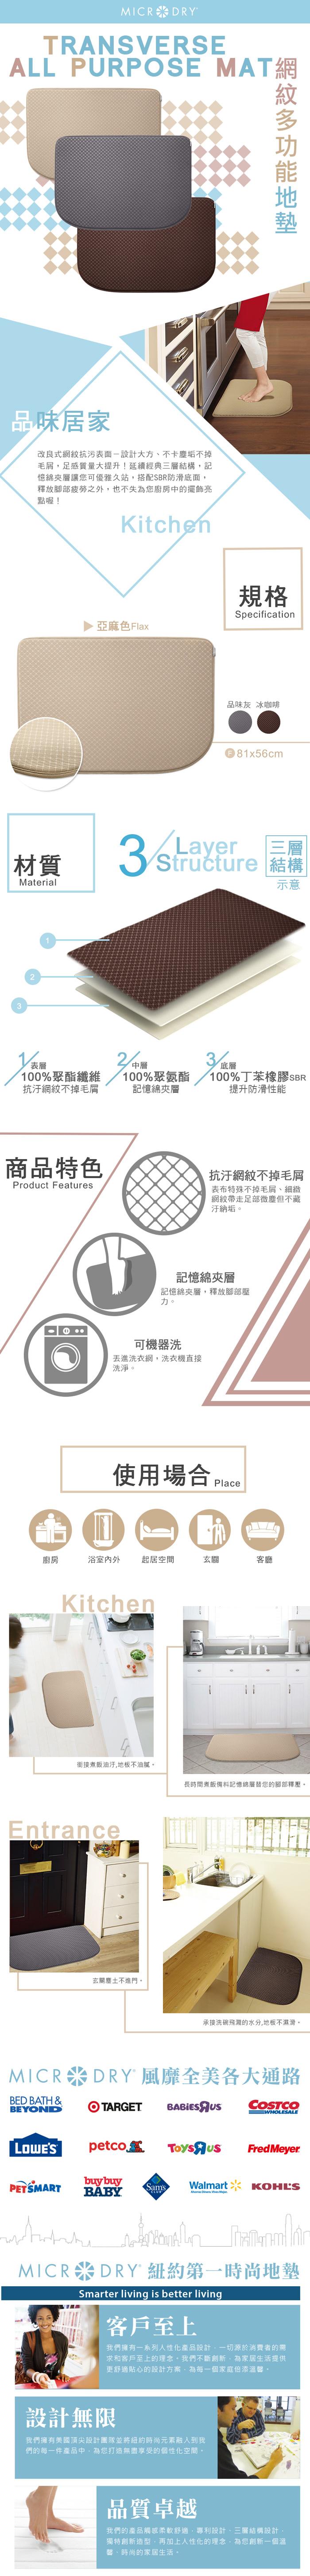 (複製)Microdry|網紋多功能地墊-冰咖啡